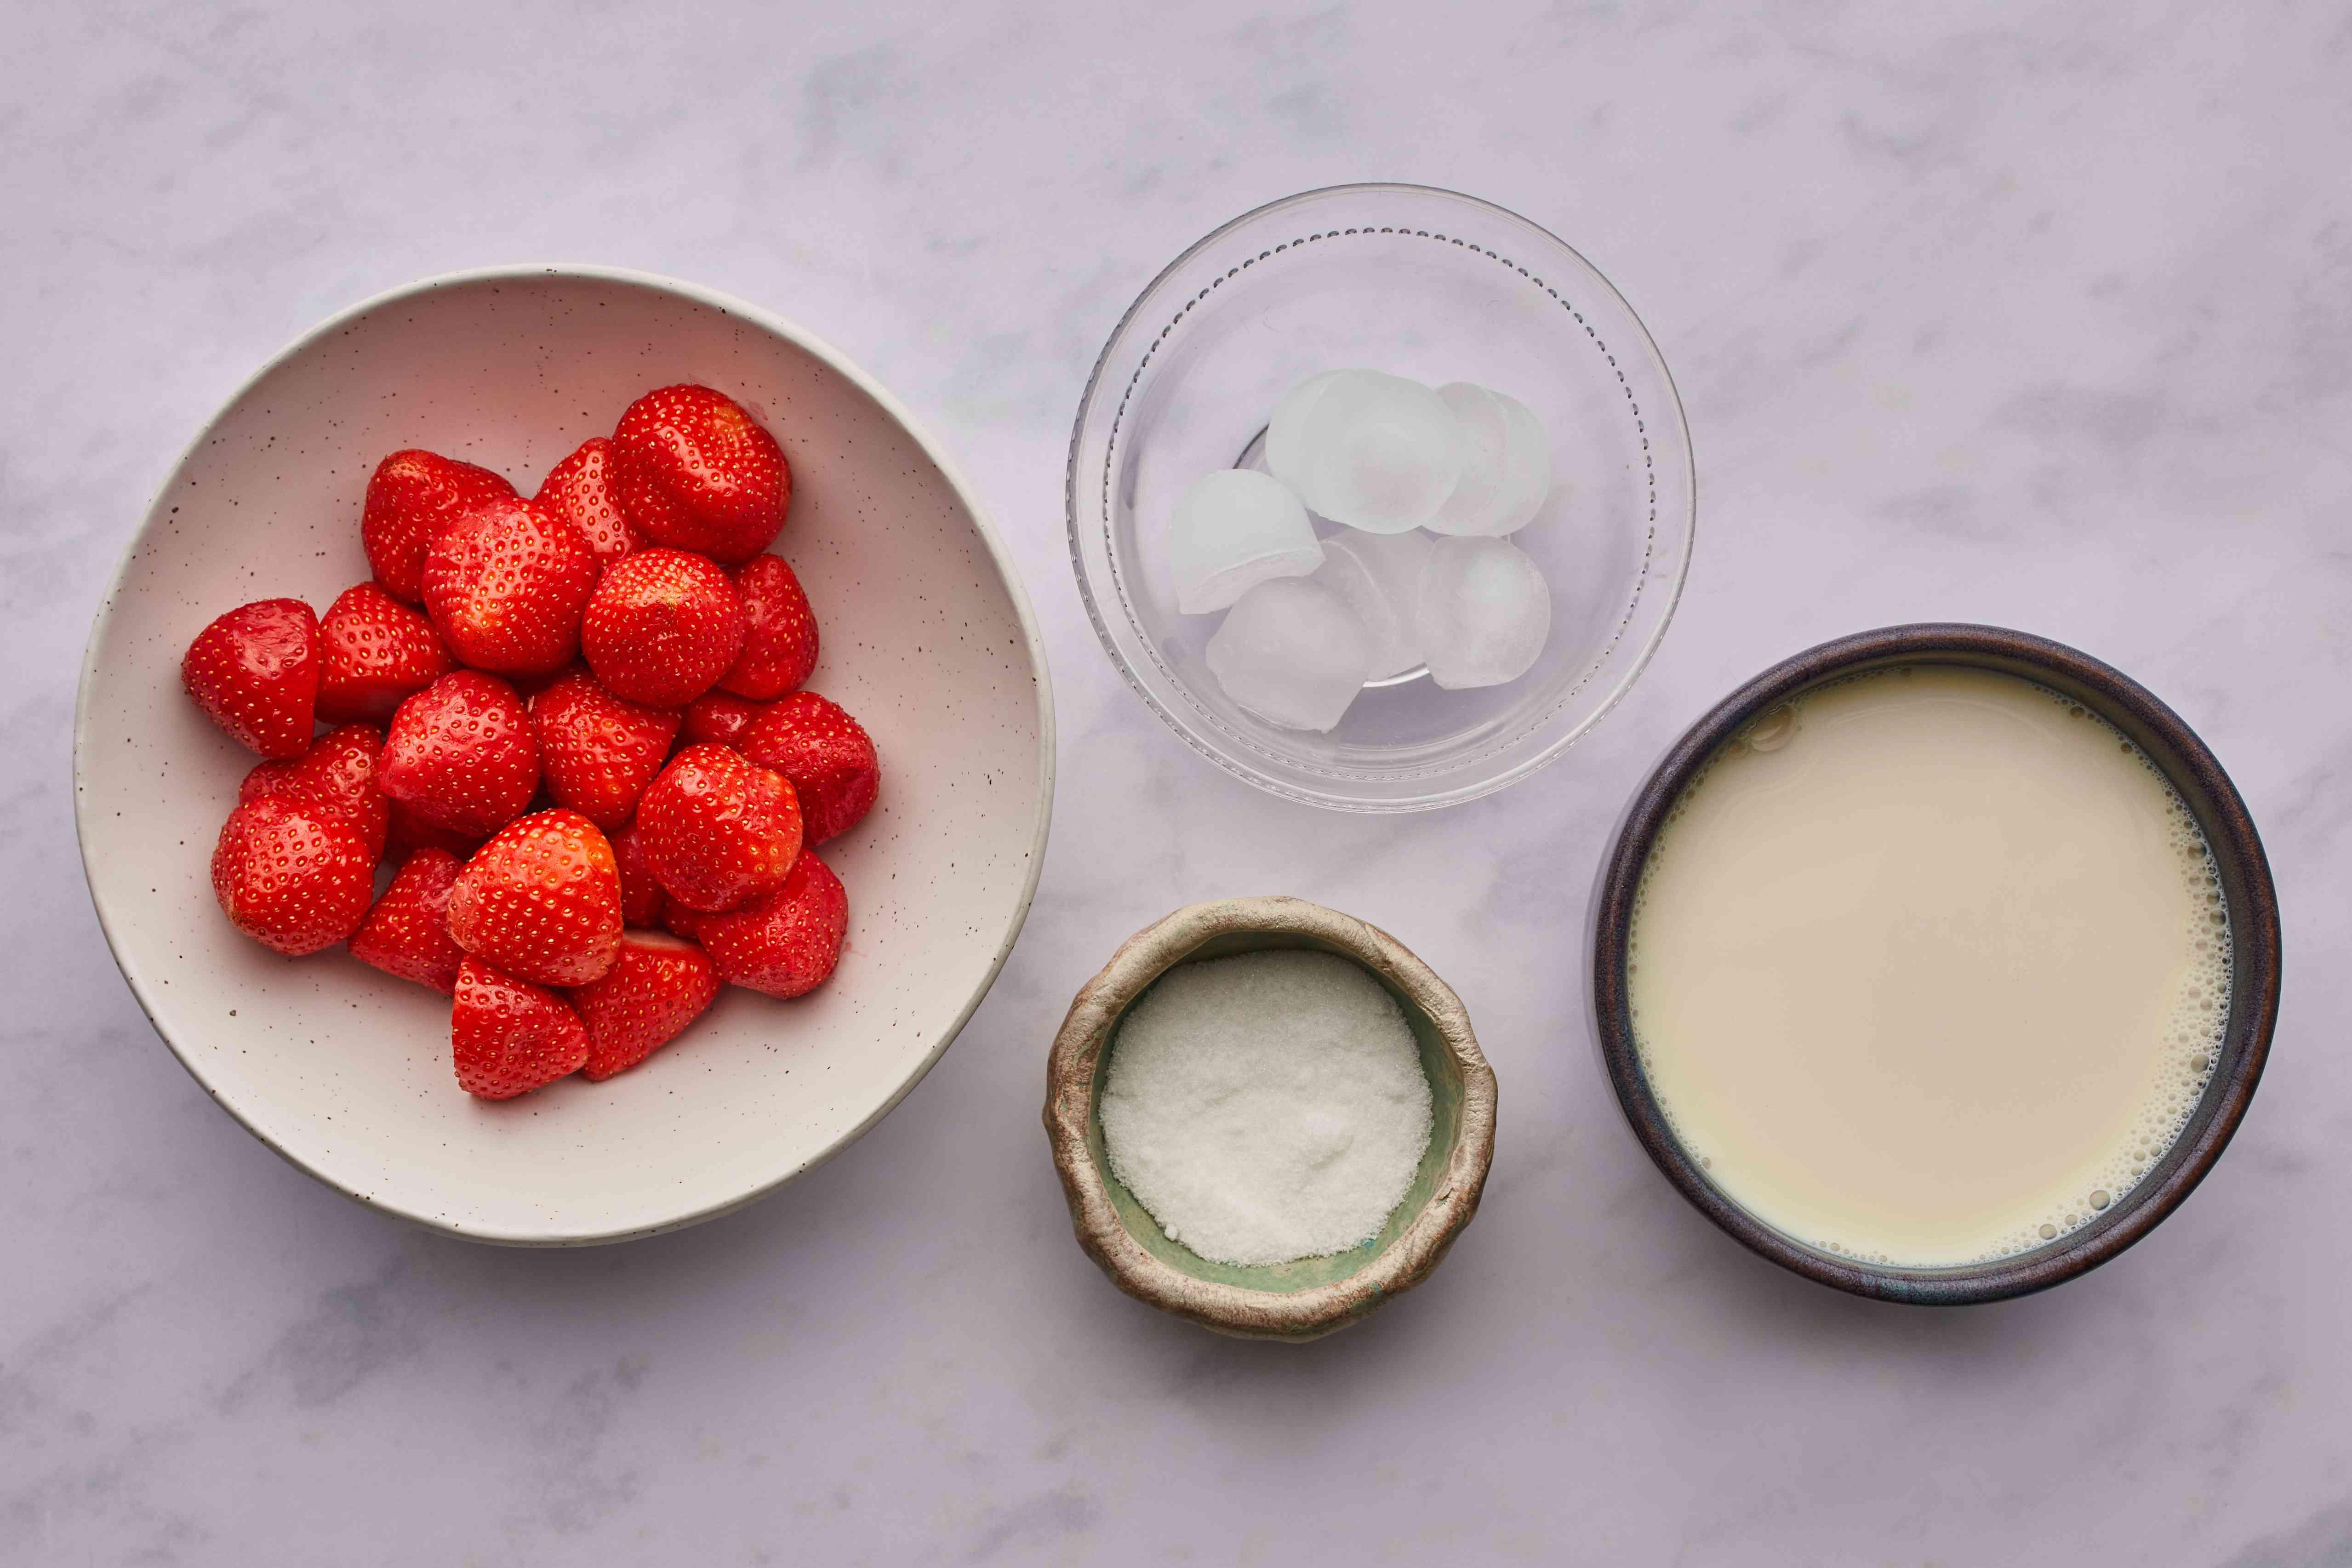 Healthy Homemade Strawberry Milkshake (Smoothie) ingredients